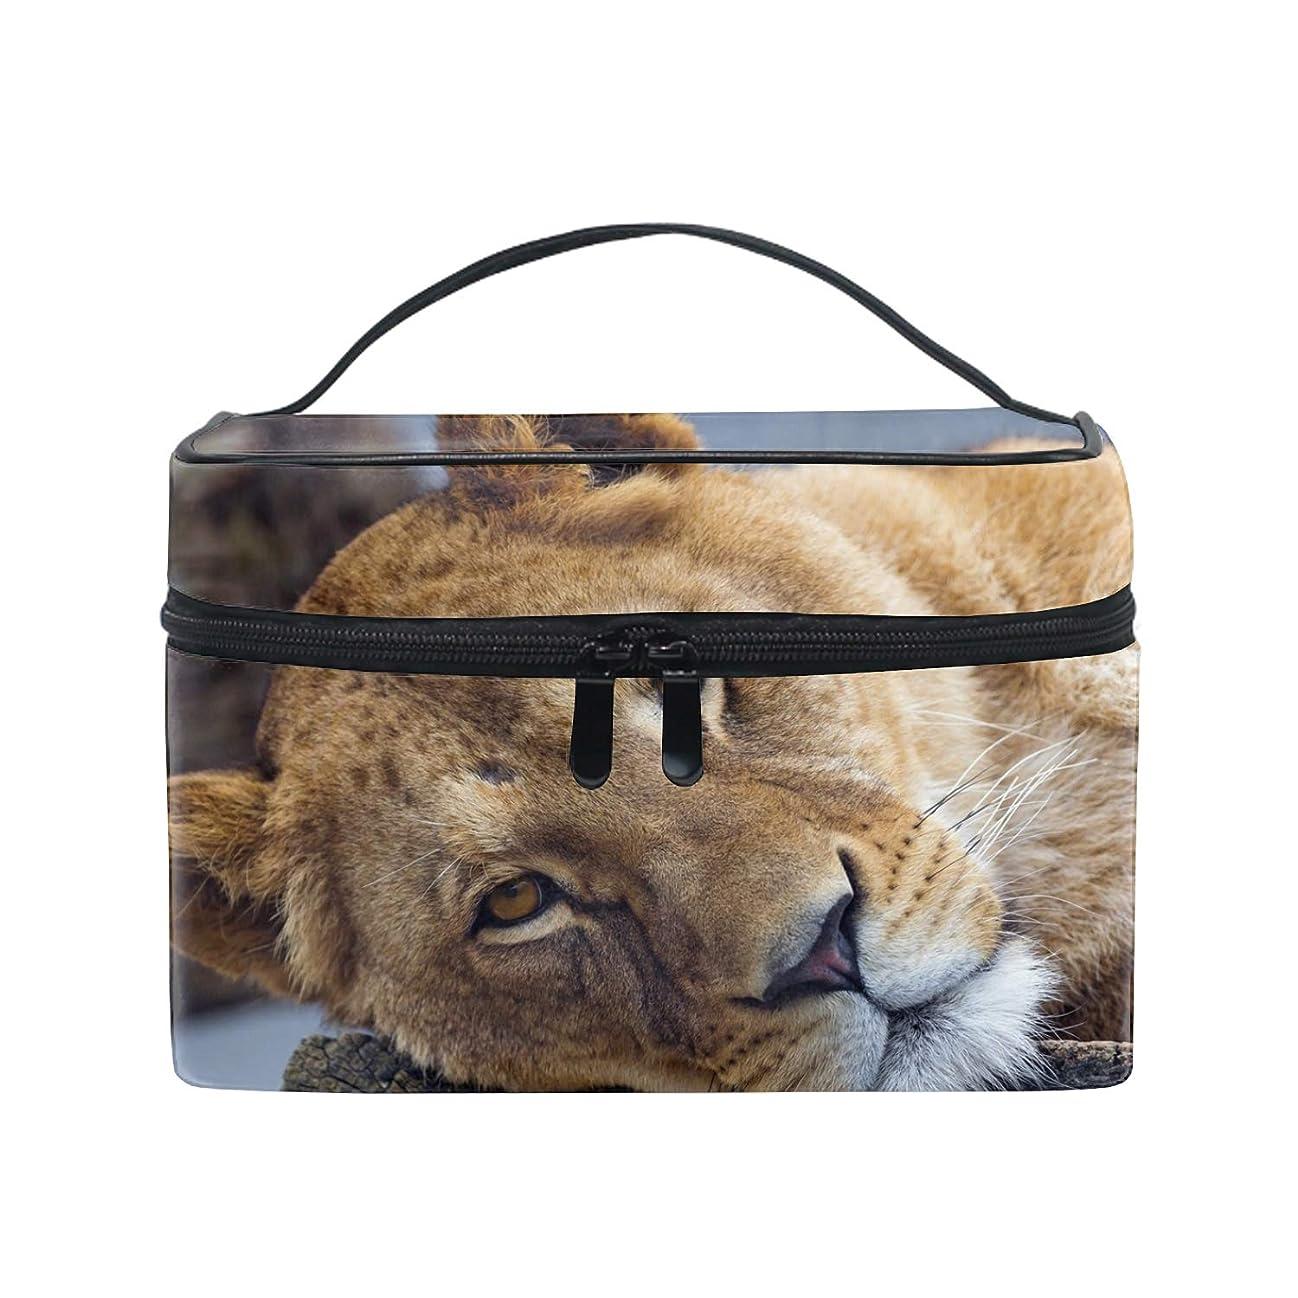 フィット毛細血管詩ライオンコスメバッグ 化粧ポーチ メイクバッグ ギフトプレゼント用 携帯可能